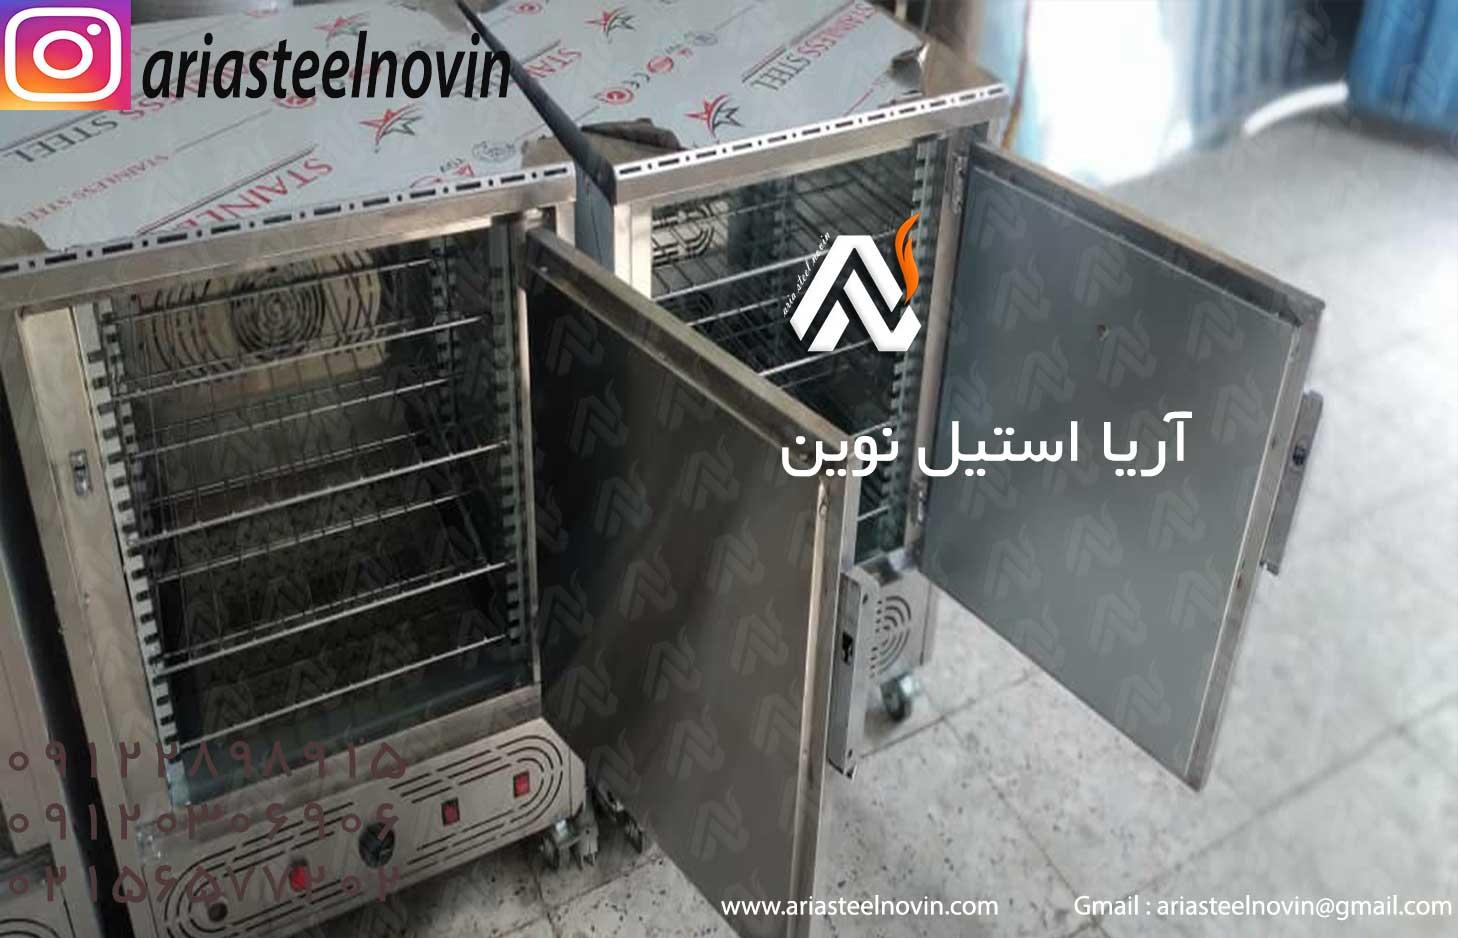 گرم شدن غذای پرسنل بدون ته دیگ شدن و سوختن و گرم کردن غذا در کمترین زمان بدون افت کیفیت غذا را شامل میشود